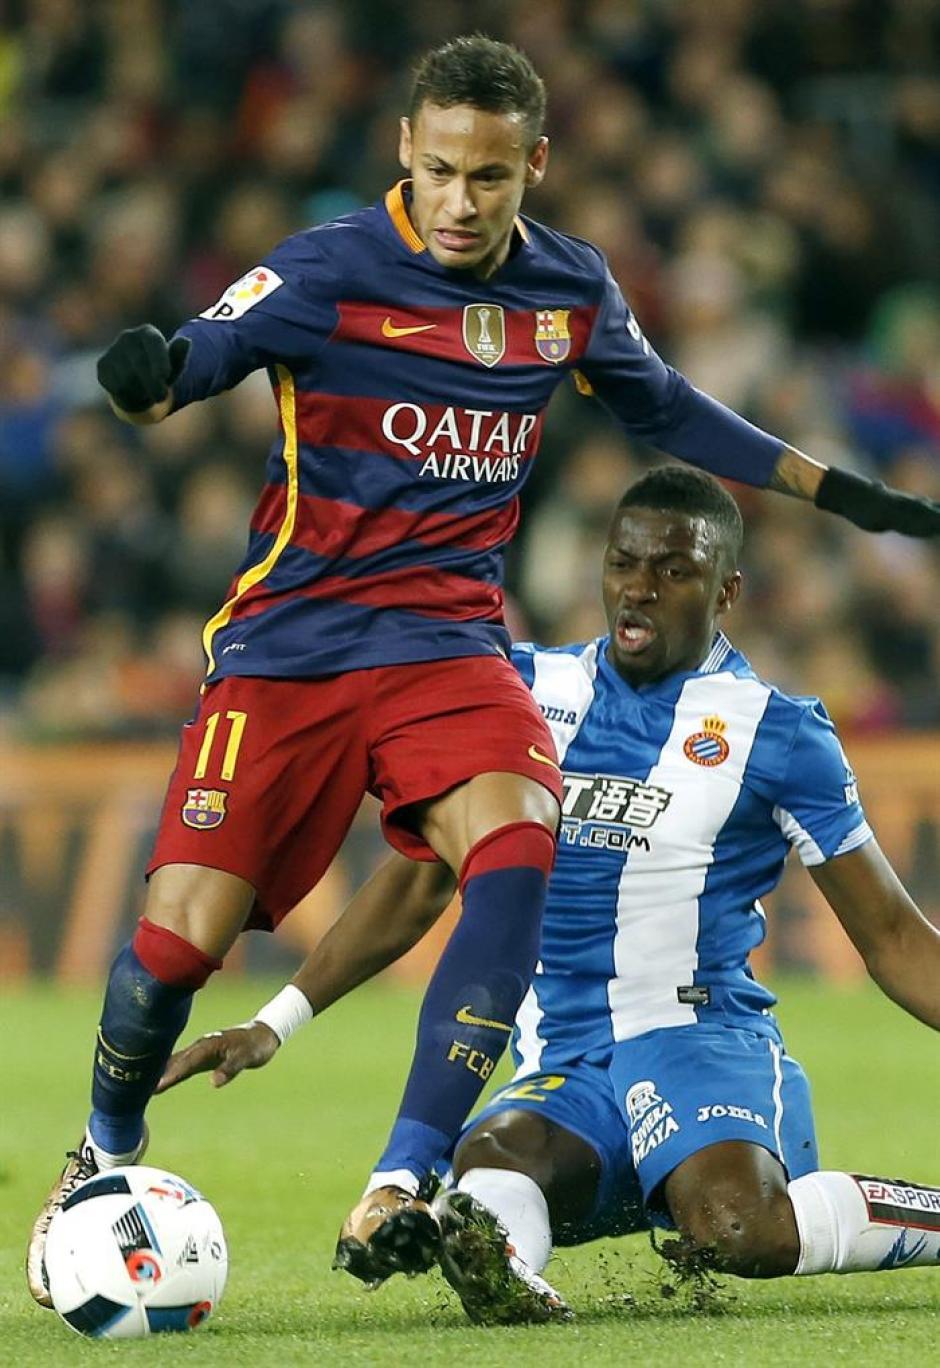 El brasileño, Neymar, anotó el cuarto gol de Barcelona, en el juego de ida ante Espanyol, por la Copa de Rey.(Foto: EFE)